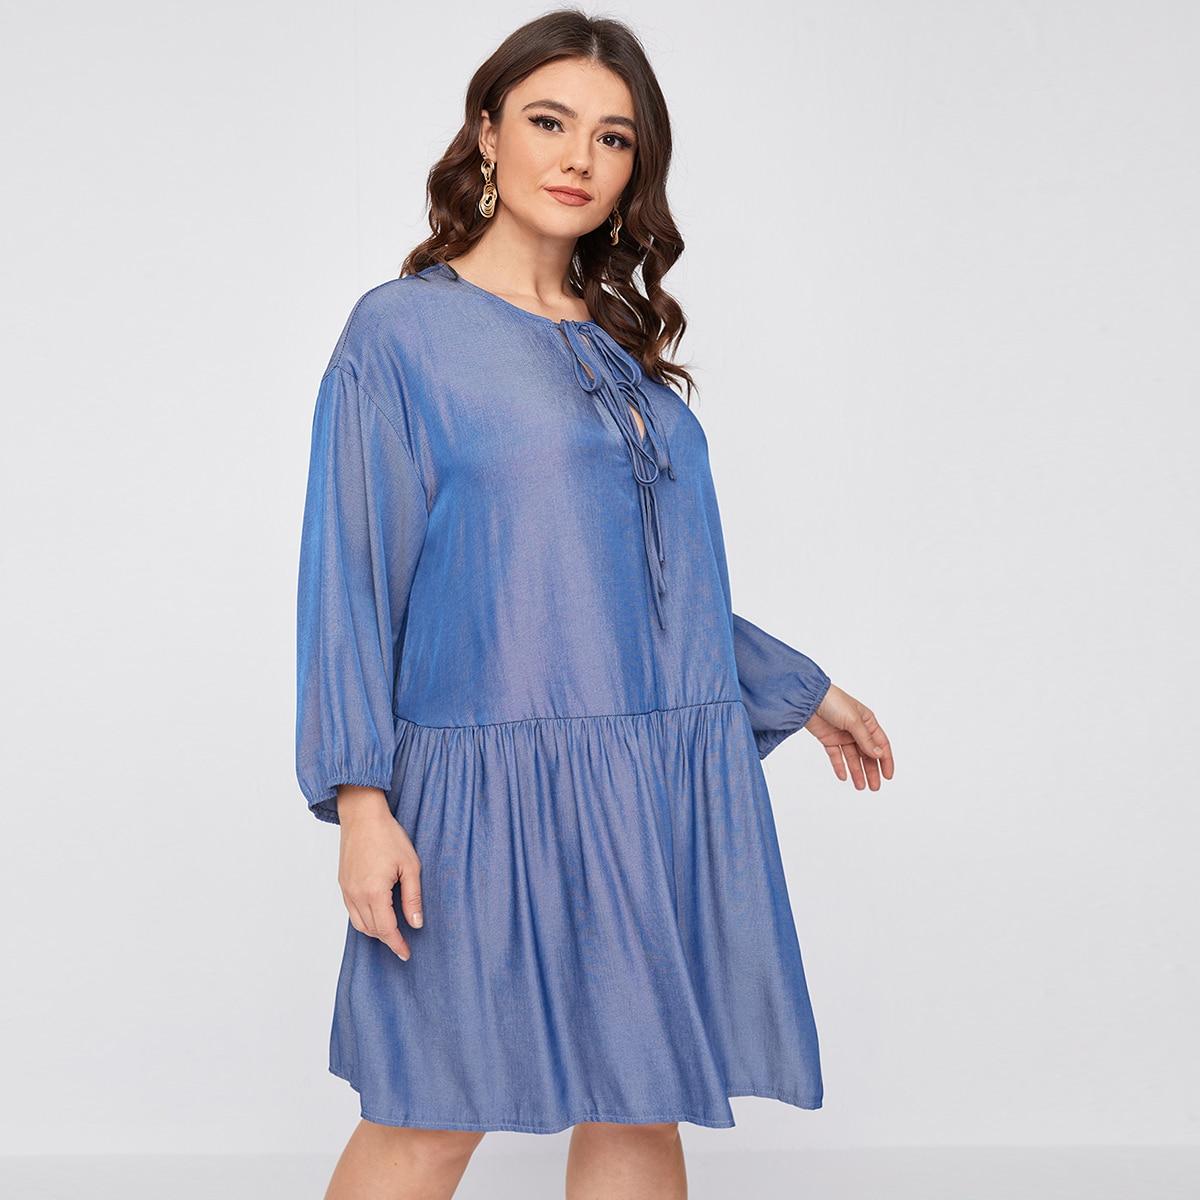 С оборками Одноцветный Повседневный Джинсовые платья размер плюс